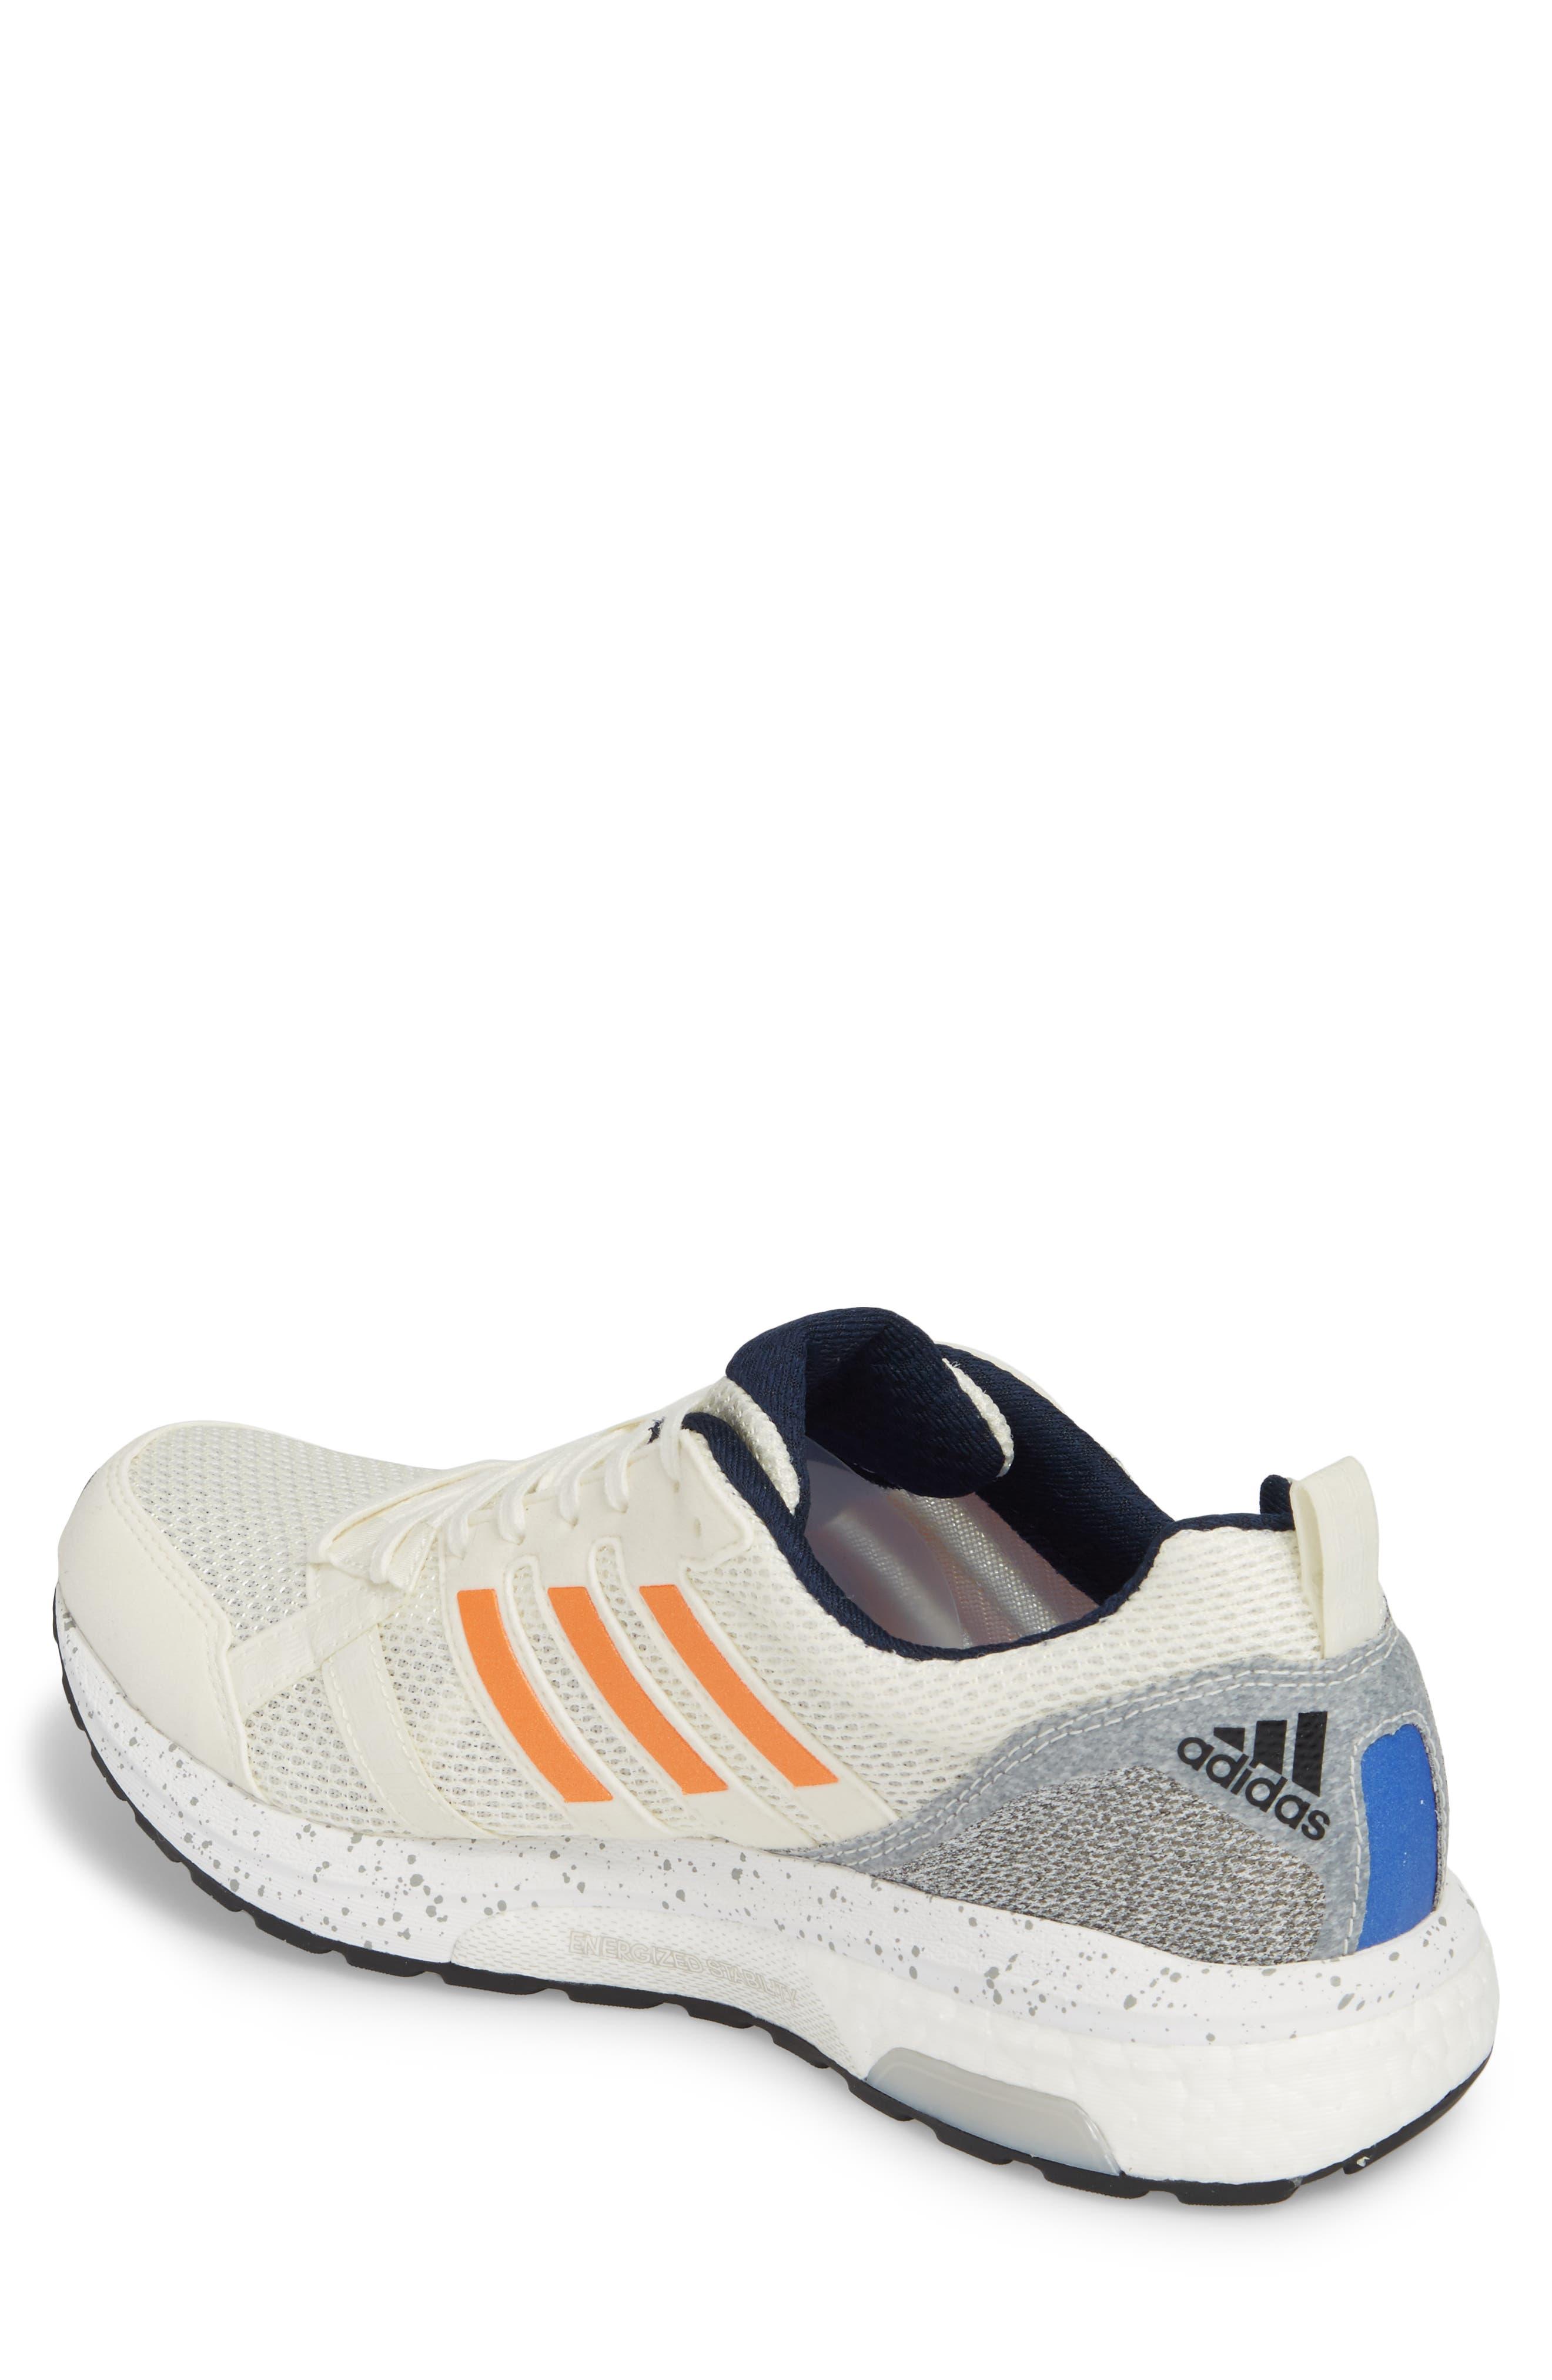 Alternate Image 2  - adidas Adizero Tempo 9 M Running Shoe (Men)